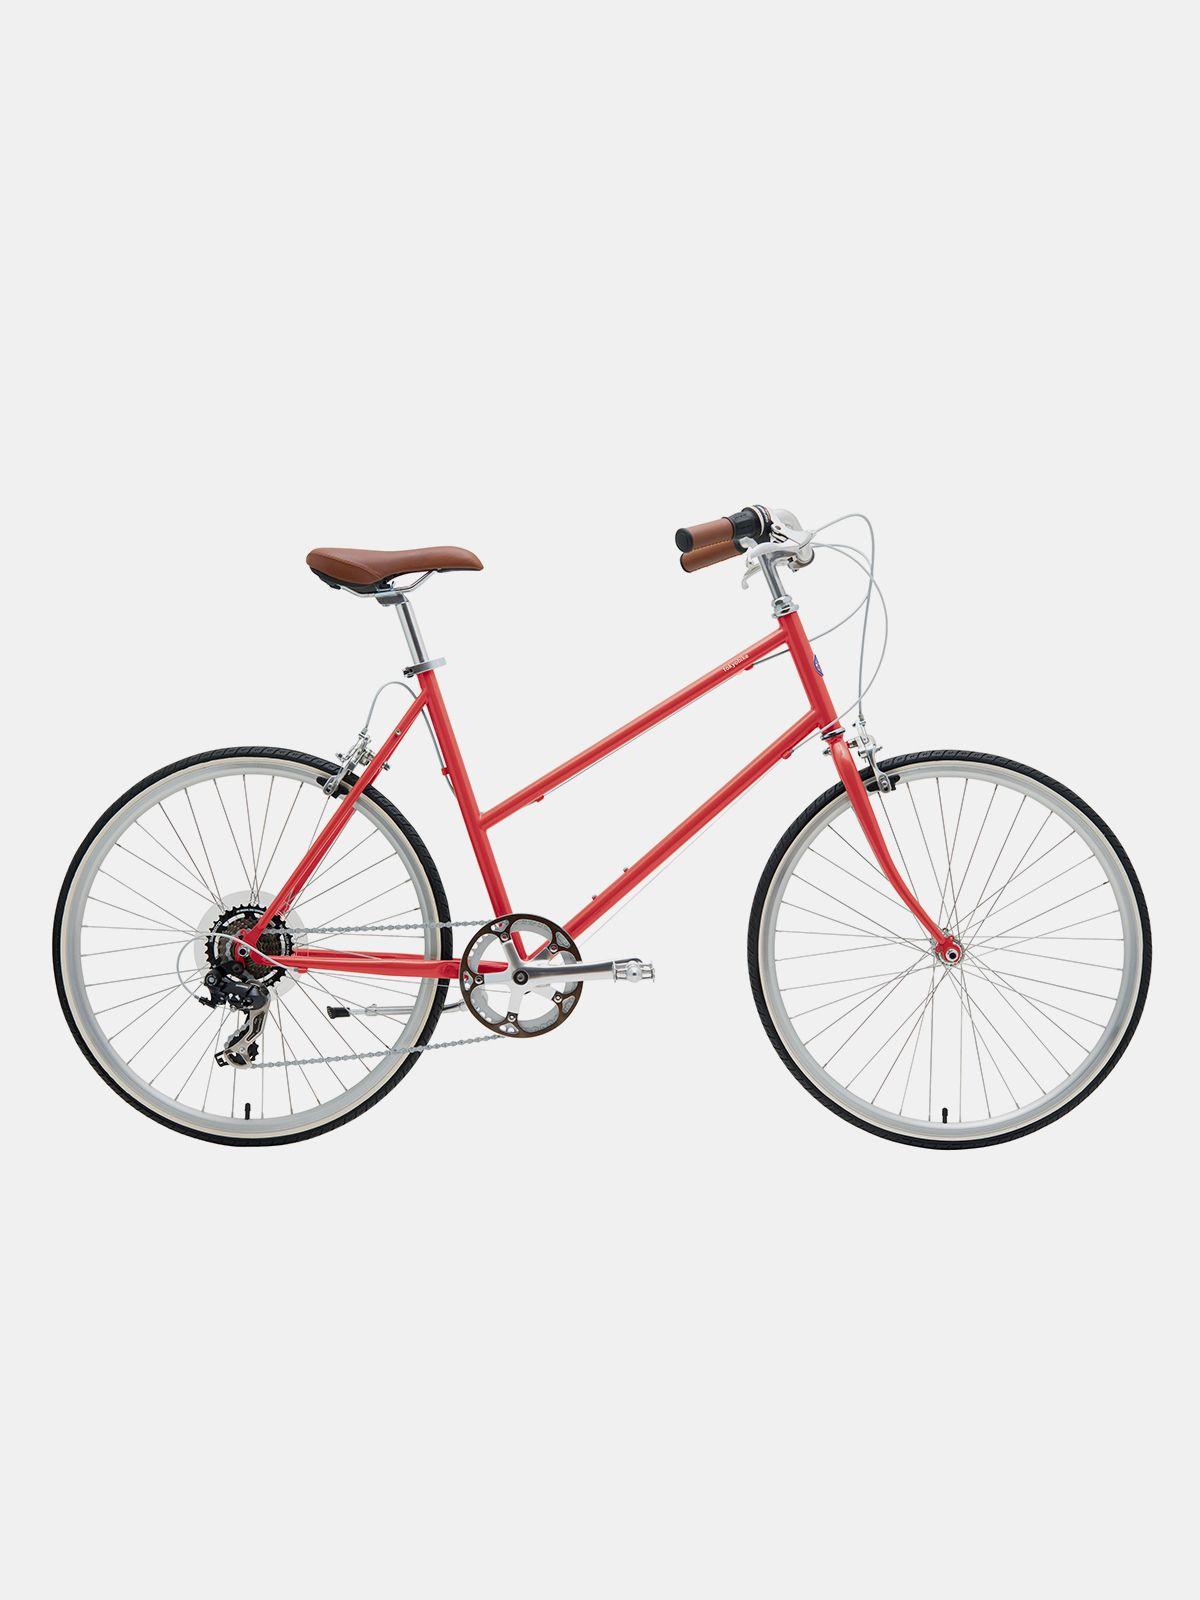 Tokyobike Tokyobike Bisou Kirmizi Bisiklet Shopigo Shopigono17